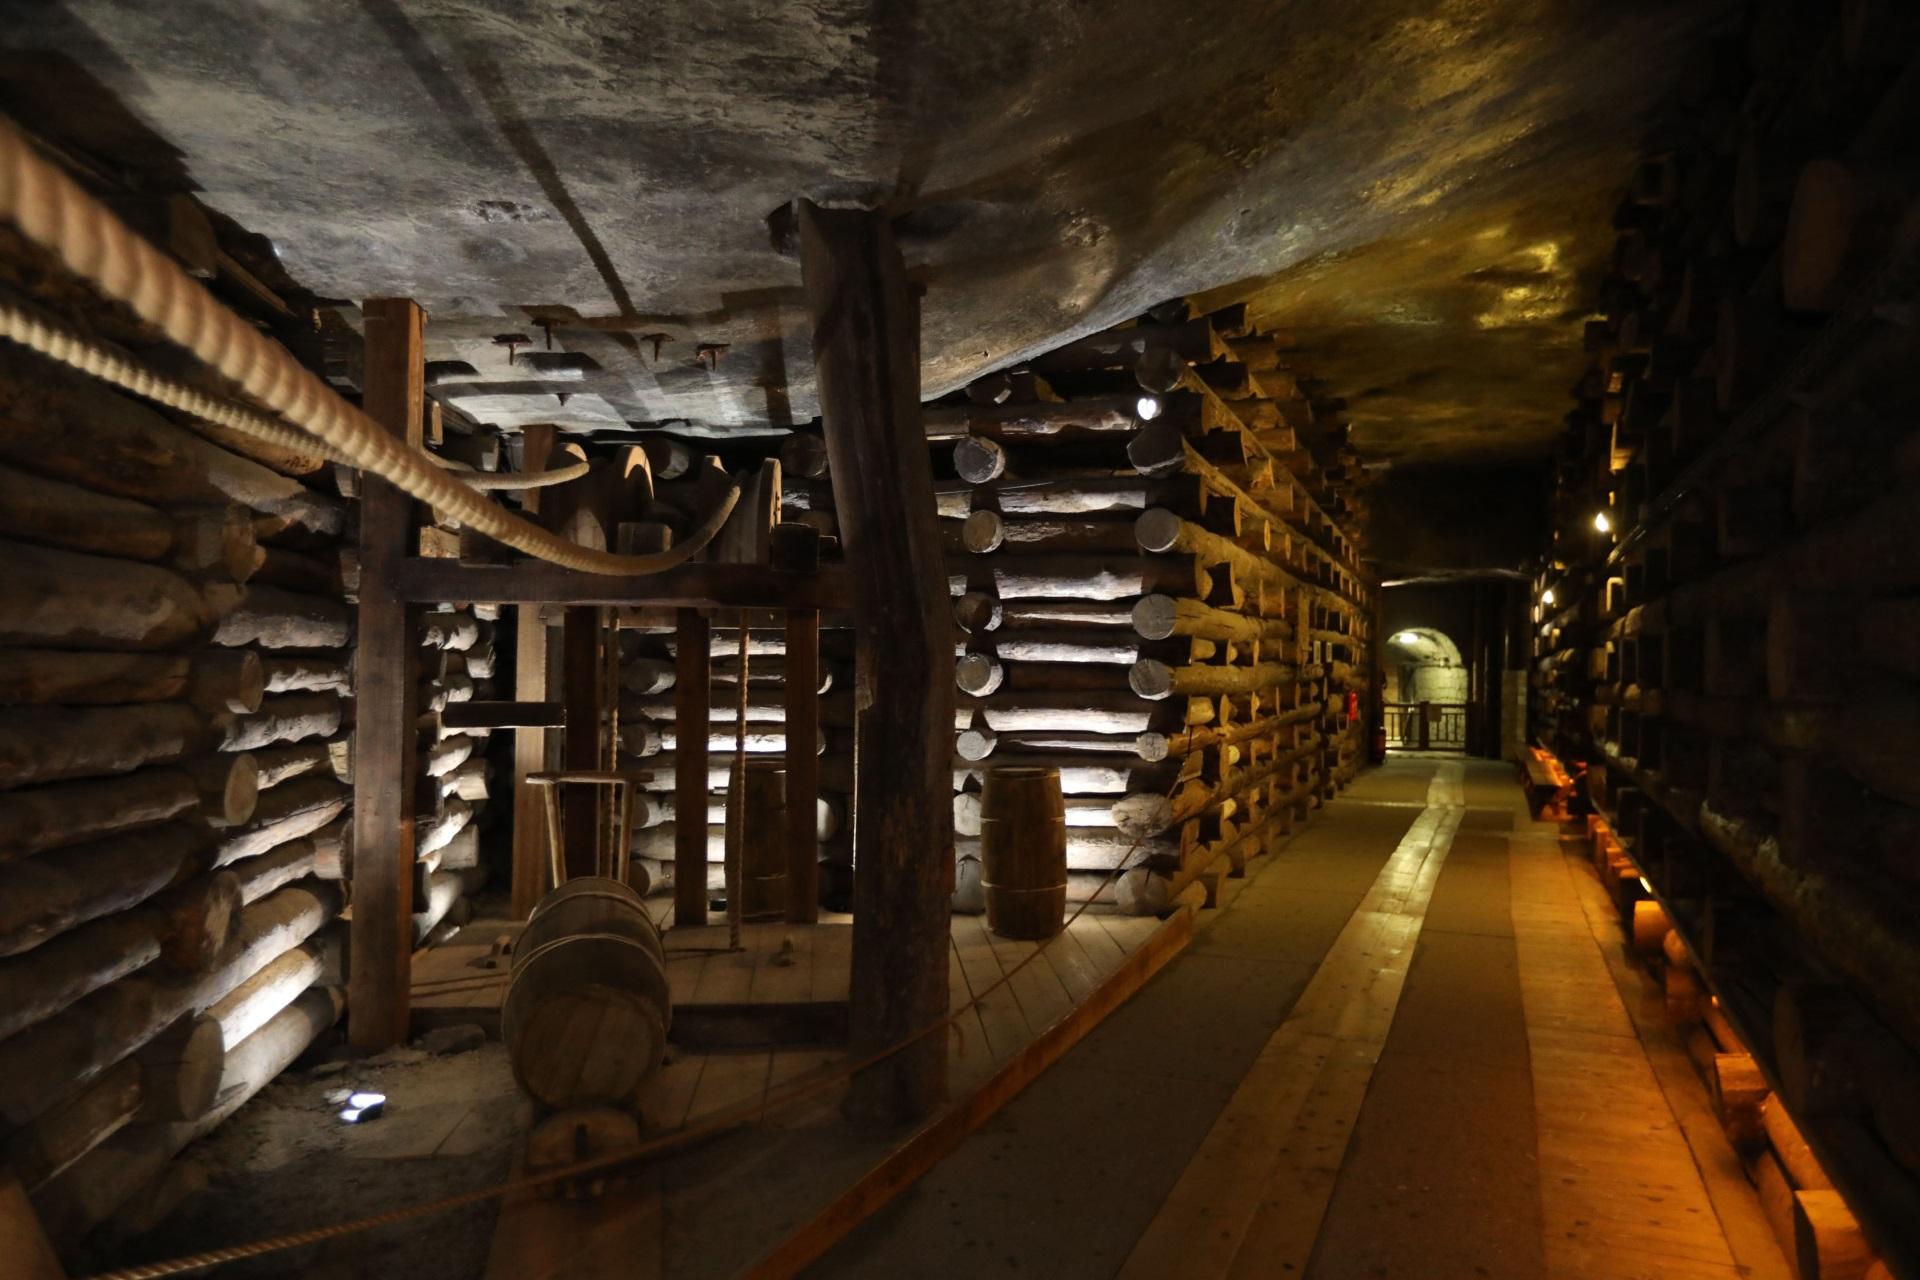 Komora Urszula na Trasie Turystycznej. Po lewej stronie kadru drewniany krzyż ręczny, w głębi wyłożona drewnem droga do komory Michałowice